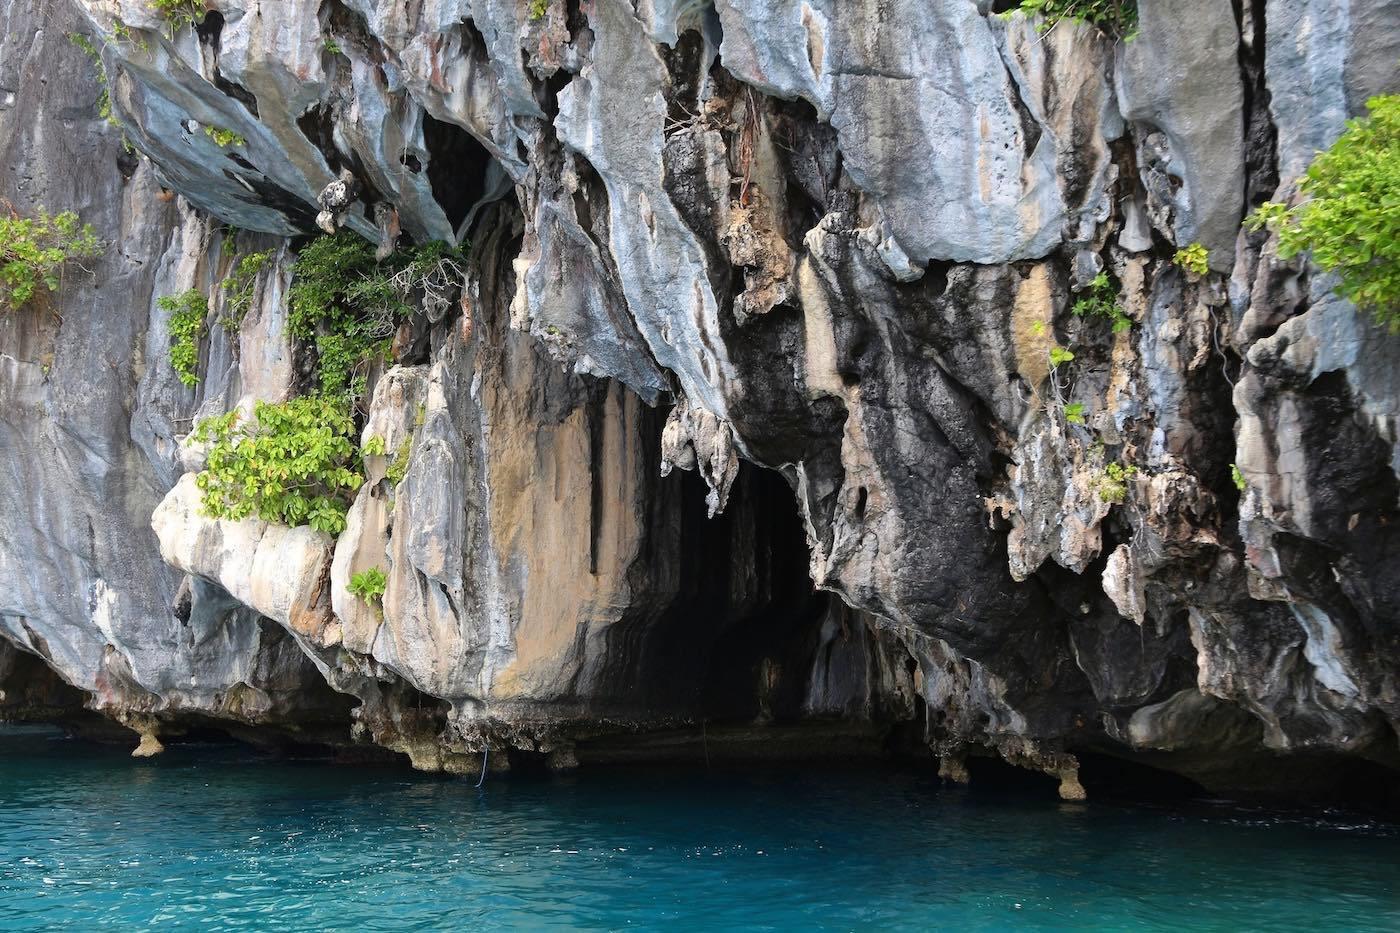 Cathedral Cave in El Nido, Palawan